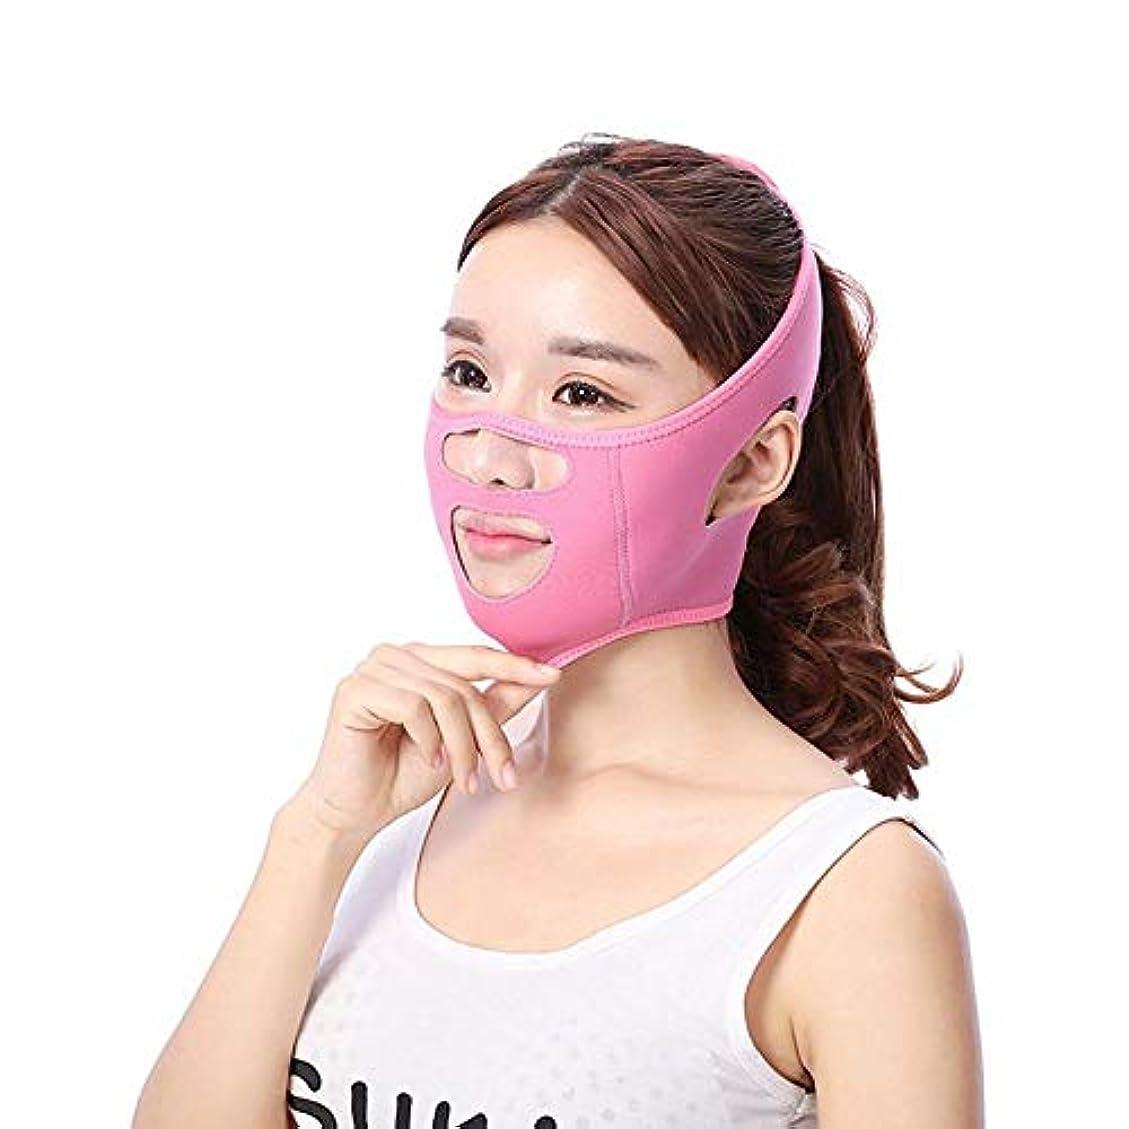 環境に優しいボウル大通りMinmin シンフェイスアーティファクトリフティング引き締めフェイス睡眠包帯フェイシャルリフティングアンチ垂れ下がり法律パターンステッカー8ワード口角 - ピンク みんみんVラインフェイスマスク